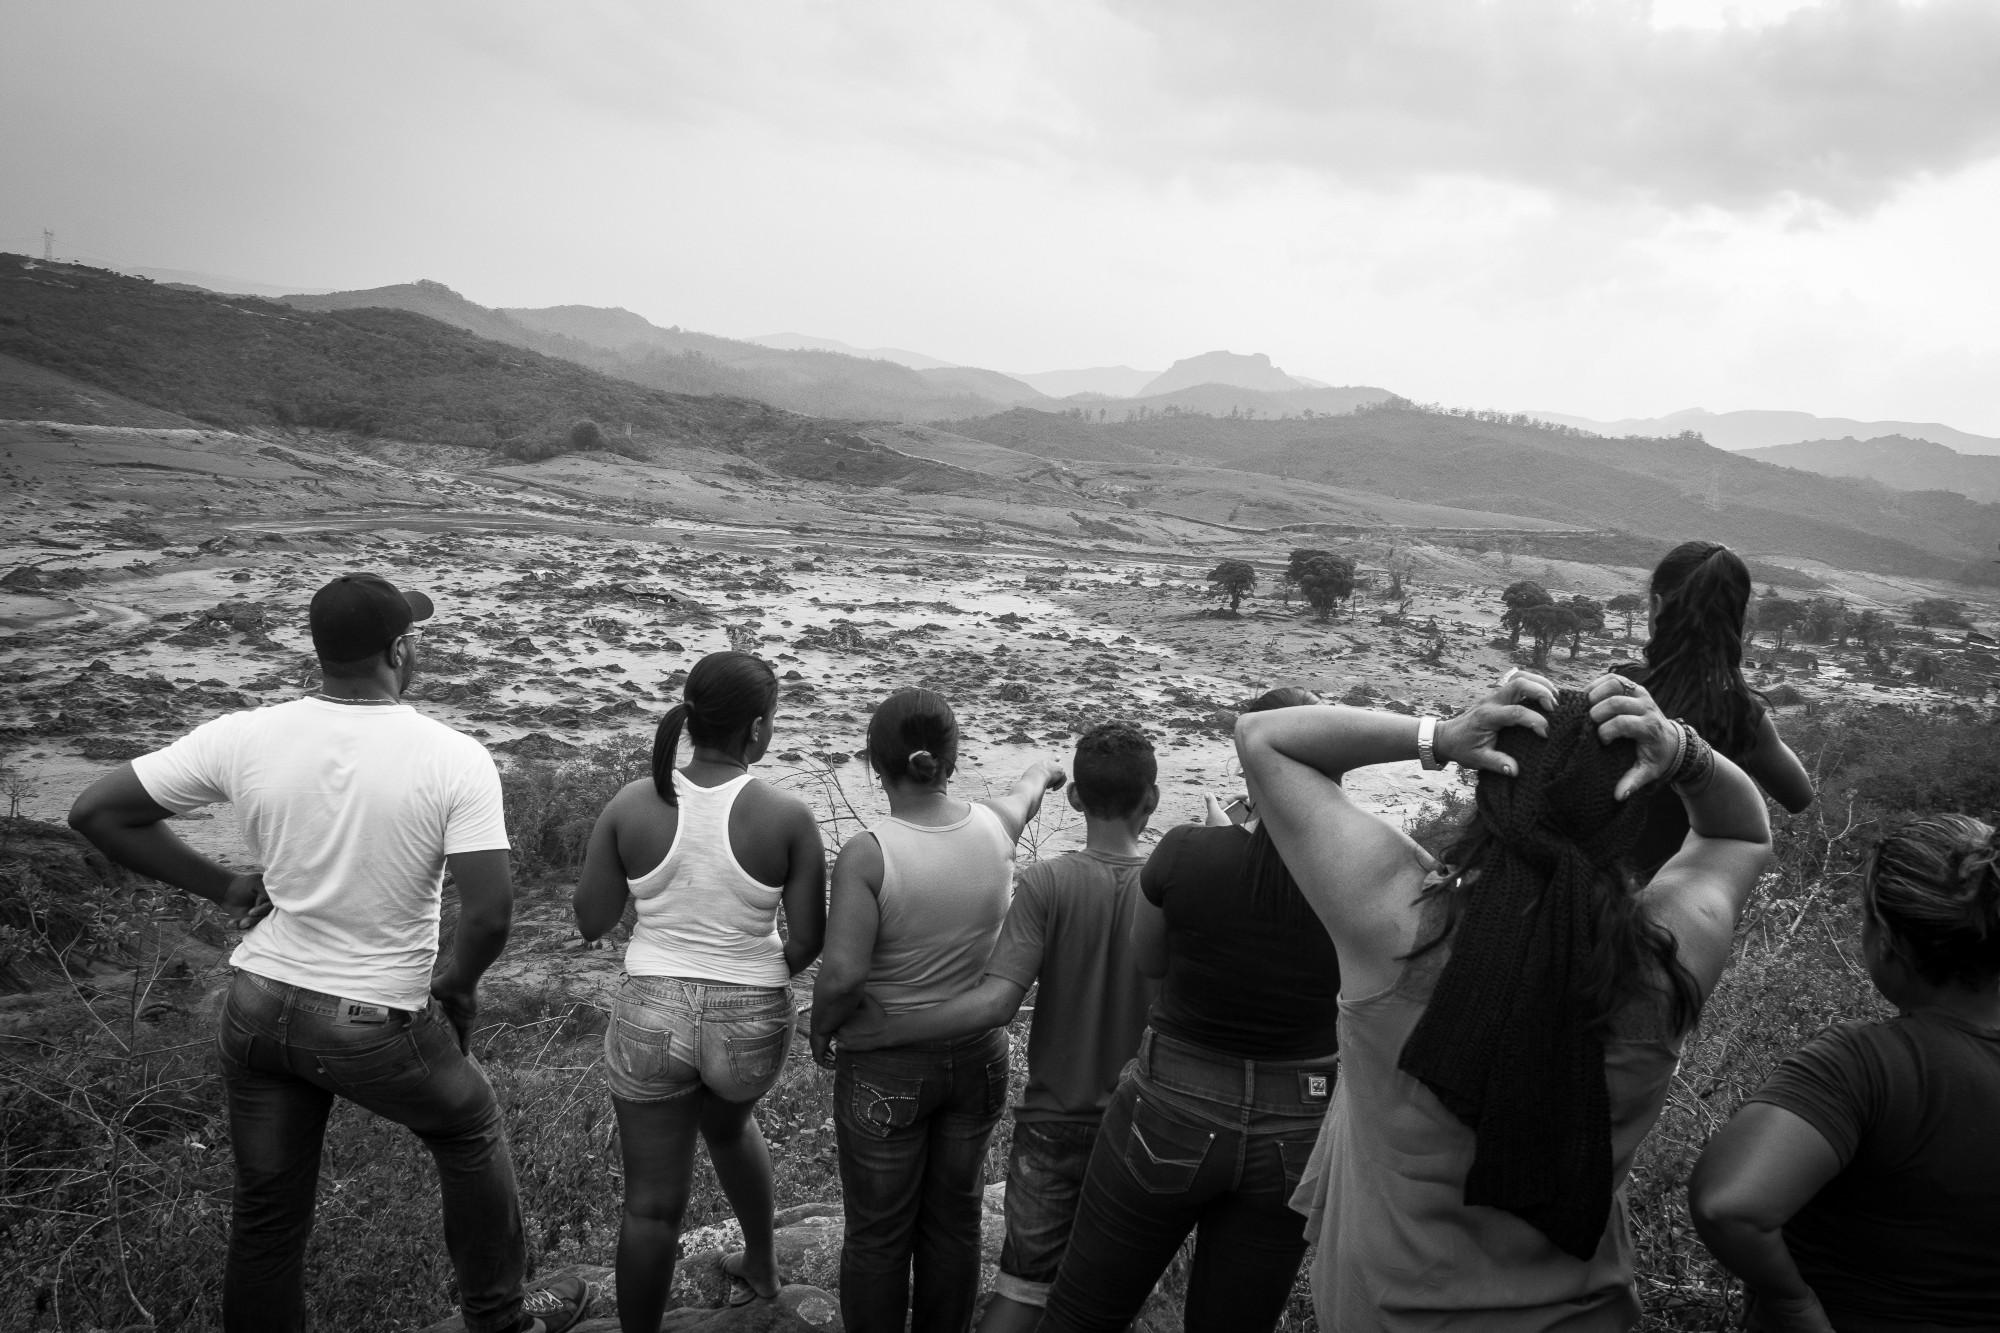 Moradores observam a catástrode do alto - Foto: Gustavo Ferreira- JL